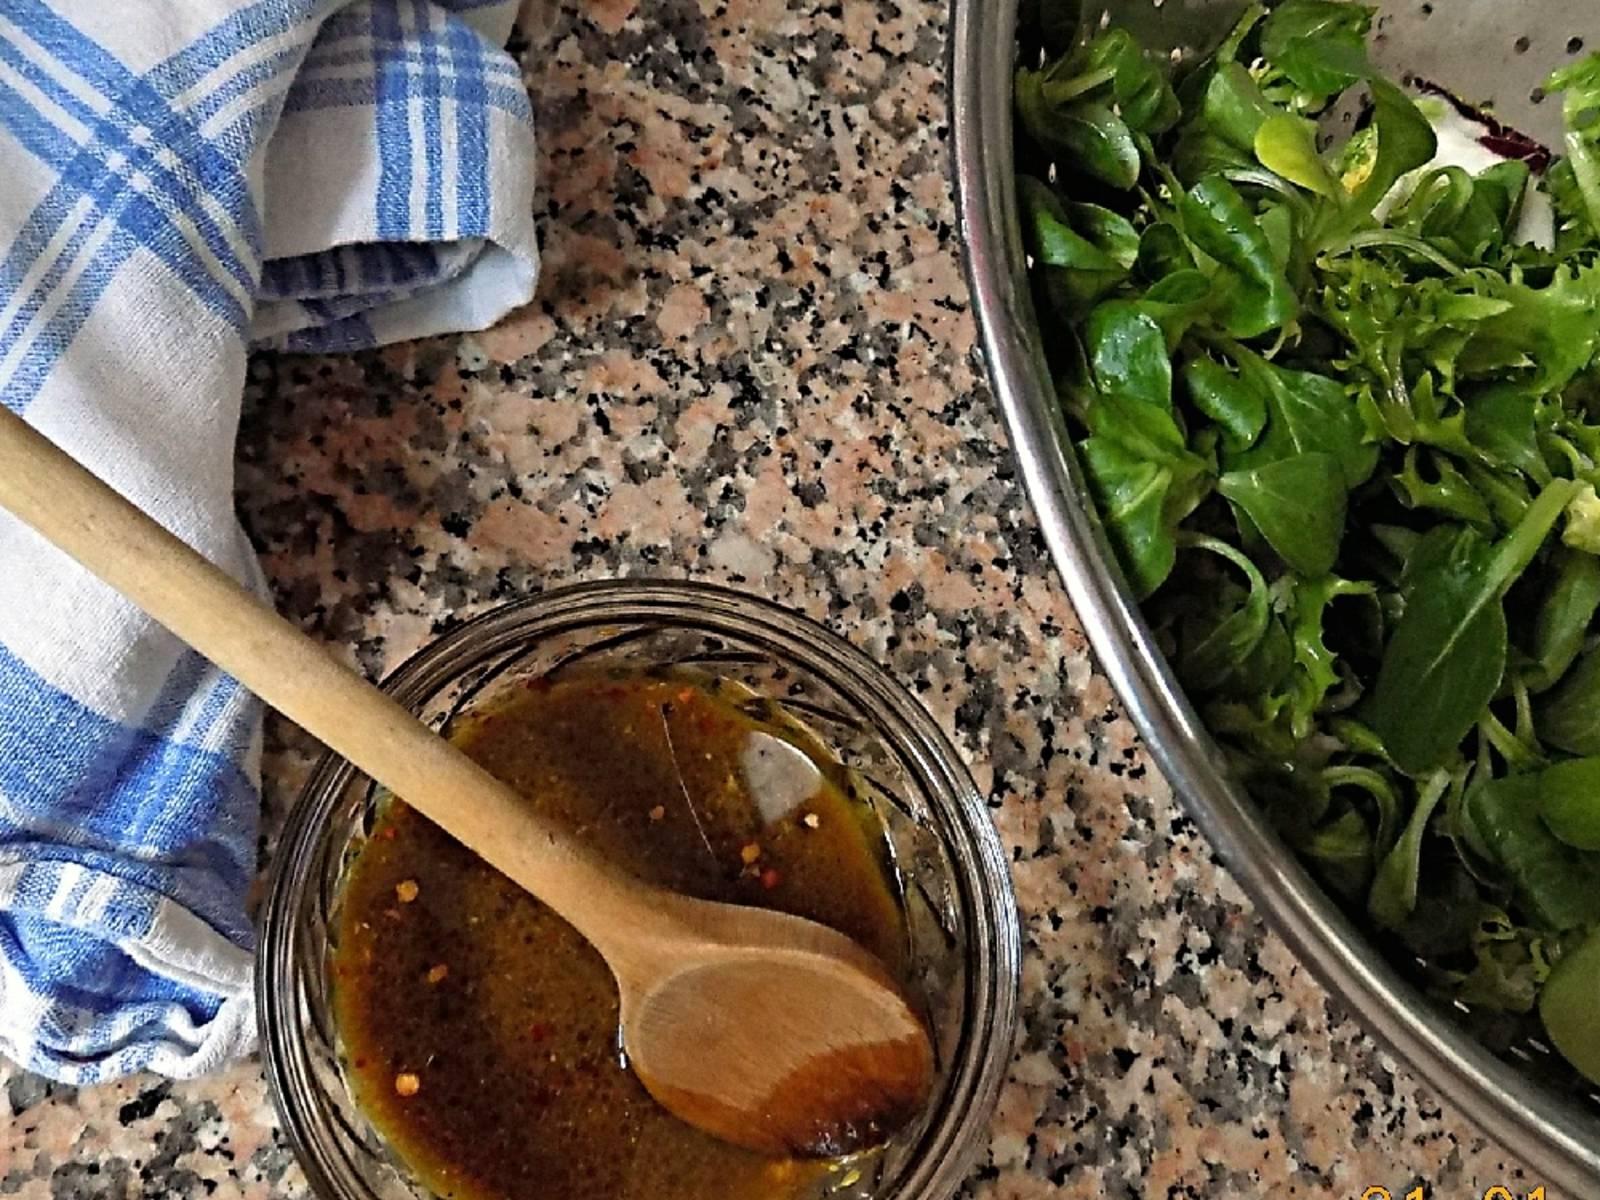 清洗野苣并甩干水。混合橄榄油、蜂蜜、芥末、巴萨米克香醋和水,放入辣椒片、盐和胡椒调味。这时还不用混合野苣和醋汁。